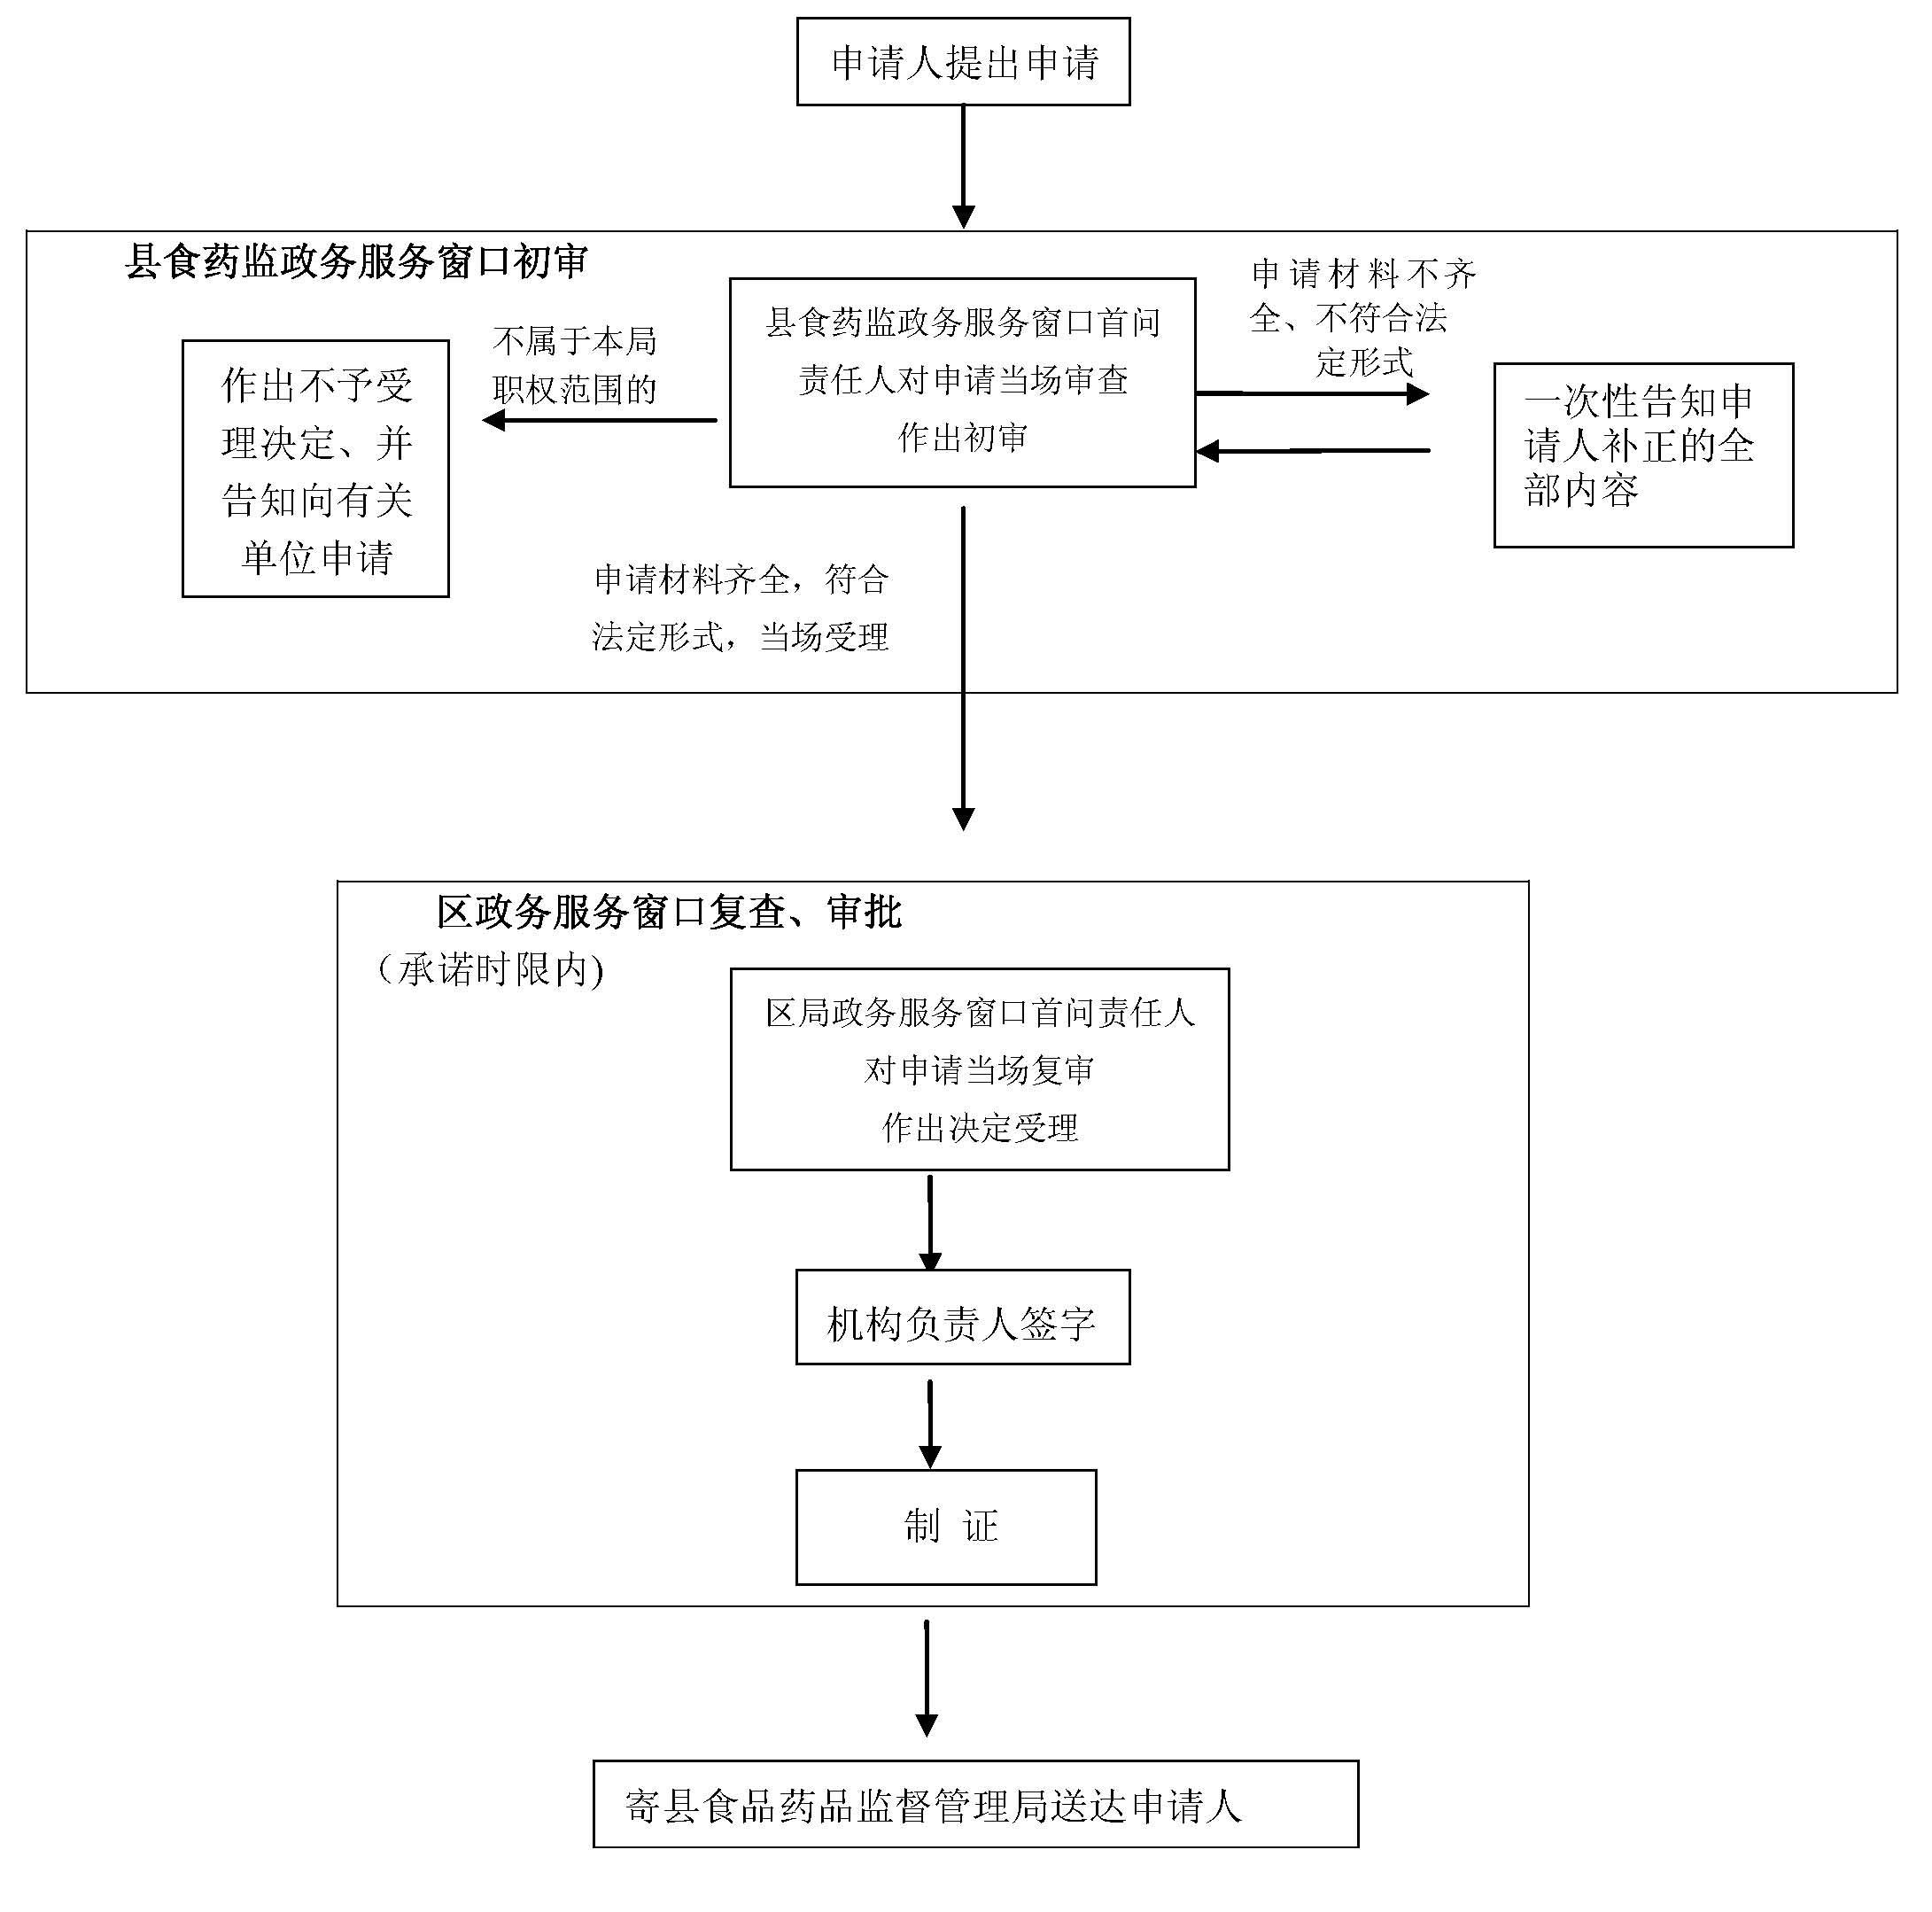 广西省田林县执业药师首次注册流程图